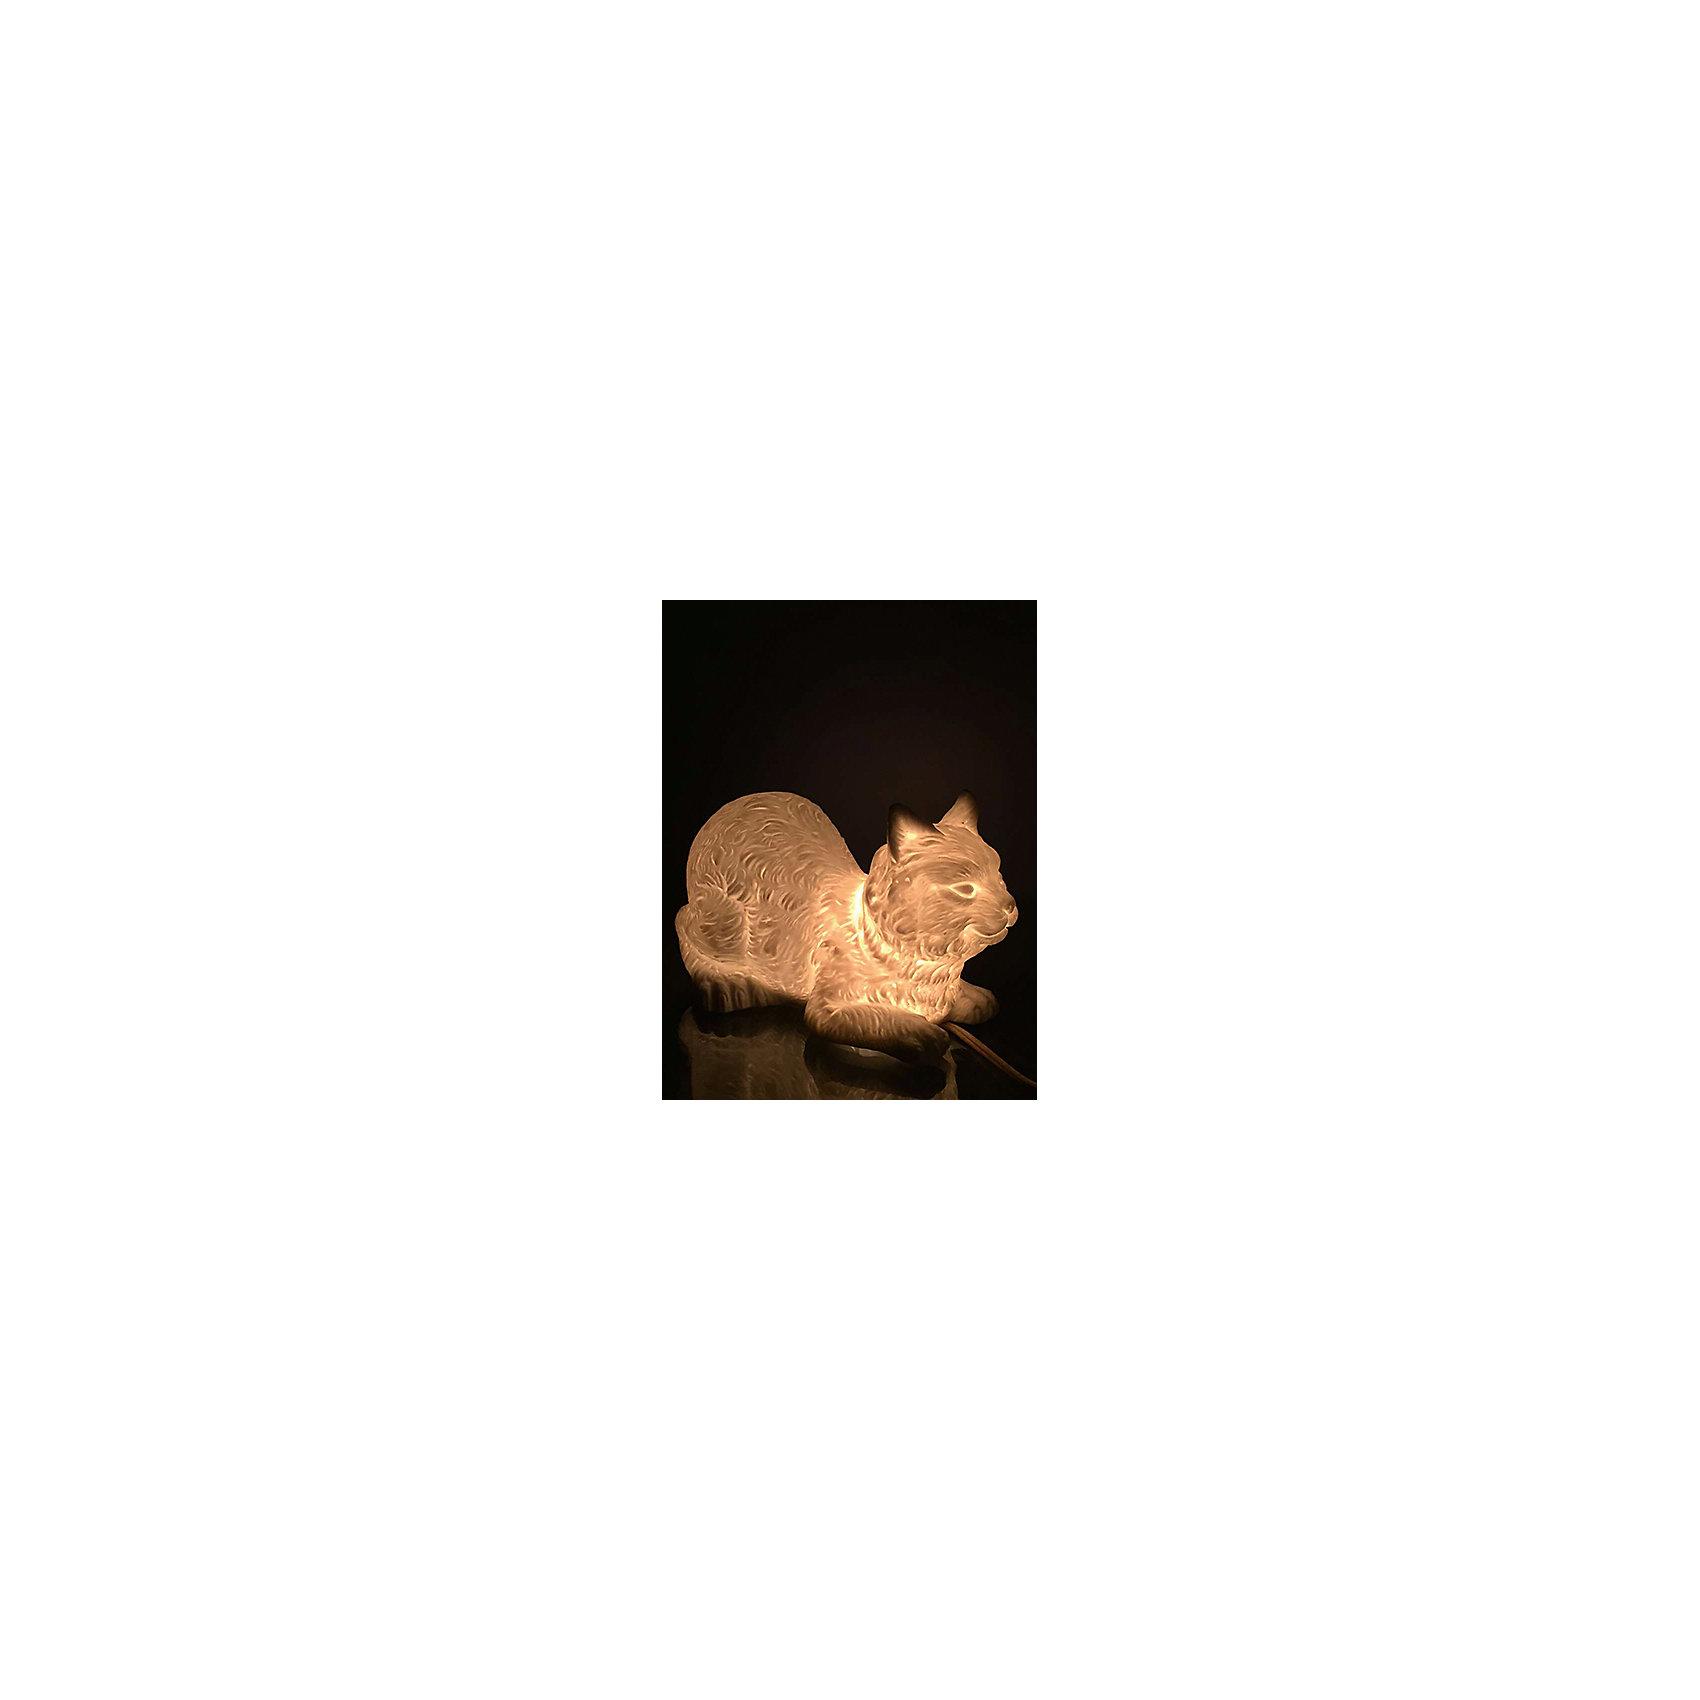 Лампа настольная Кошка, электрическая из фарфора, Феникс-ПрезентЛампа настольная Кошка, электрическая из фарфора, Феникс-Презент<br><br>Характеристики:<br><br>• красивый светильник в форме кошки<br>• лампа накаливания 220-250 В, 50 Гц<br>• материал: фарфор<br>• размер: 21х12,5х12 см<br><br>Настольная лампа Кошка очарует вас своей красотой и мягким освещением. Лампа изготовлена из качественного фарфора и выполнена в форме лежащей кошки. Такой оригинальный светильник займет достойное место в комнате или станет приятным подарком! Размер лампы - 21х12,5х12 сантиметров.<br><br>Лампу настольную Кошка, электрическую из фарфора, Феникс-Презент вы можете купить в нашем интернет-магазине.<br><br>Ширина мм: 510<br>Глубина мм: 440<br>Высота мм: 350<br>Вес г: 9750<br>Возраст от месяцев: 120<br>Возраст до месяцев: 2147483647<br>Пол: Унисекс<br>Возраст: Детский<br>SKU: 5449758